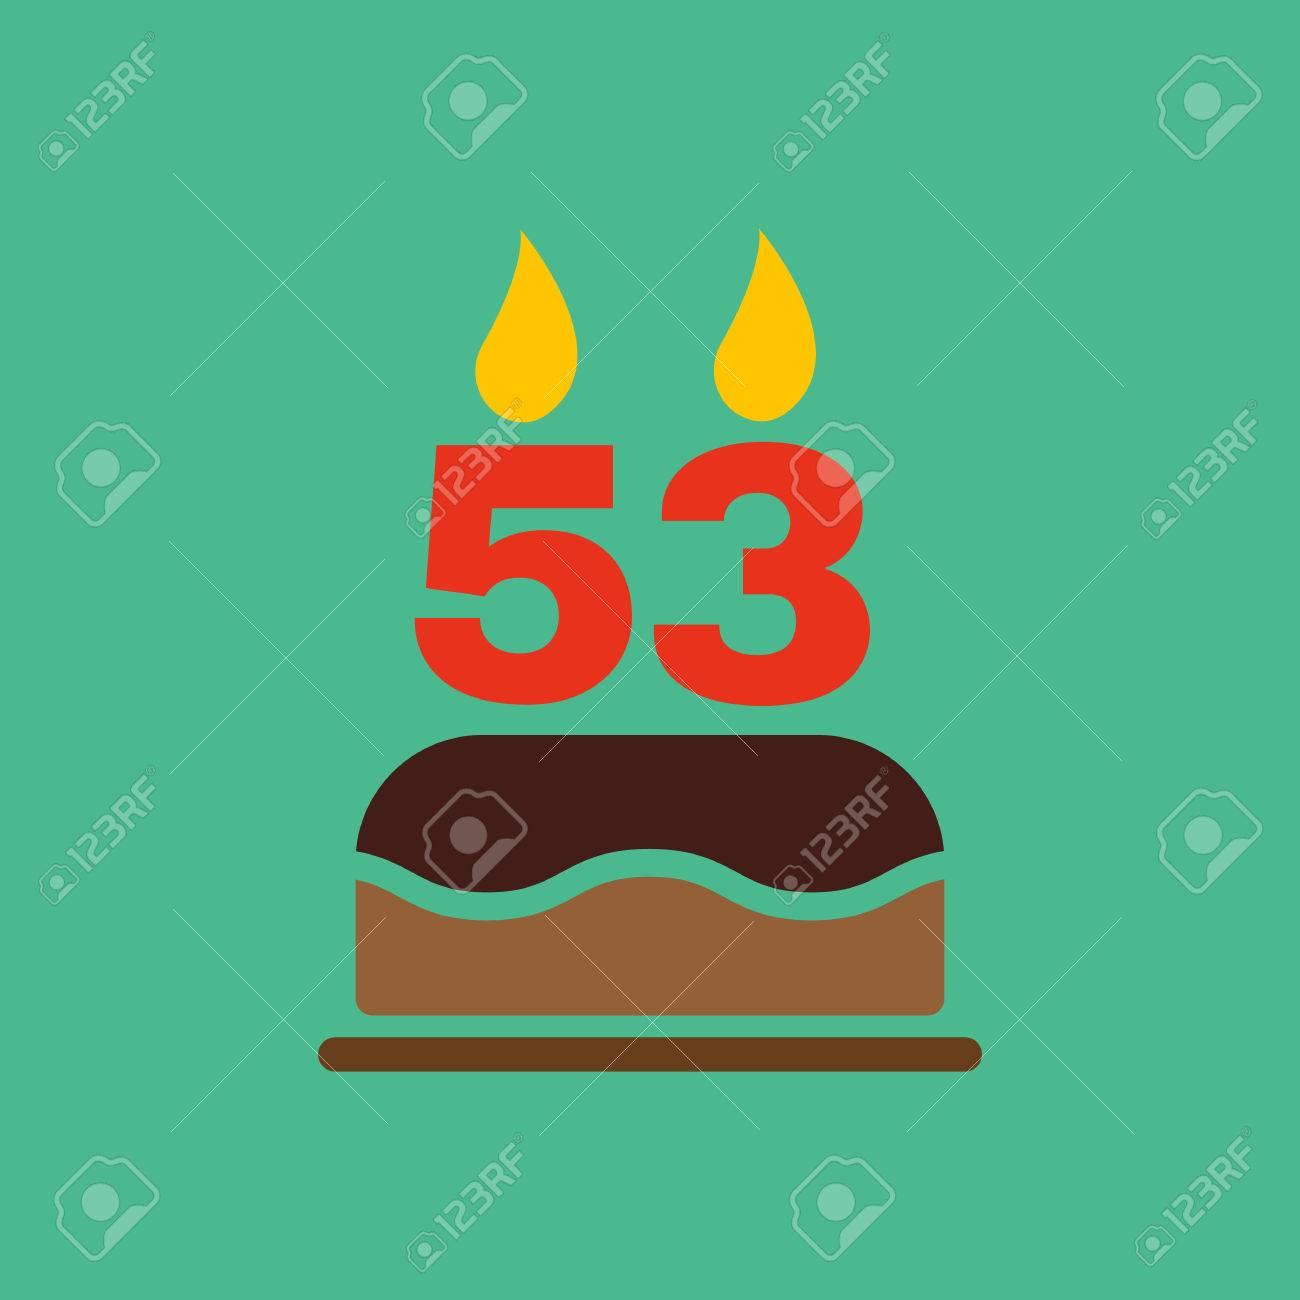 Me presento 47735242-La-torta-de-cumplea-os-con-velas-en-forma-de-n-mero-53-icono-s-mbolo-de-cumplea-os-Ilustraci-n-del-v-Foto-de-archivo